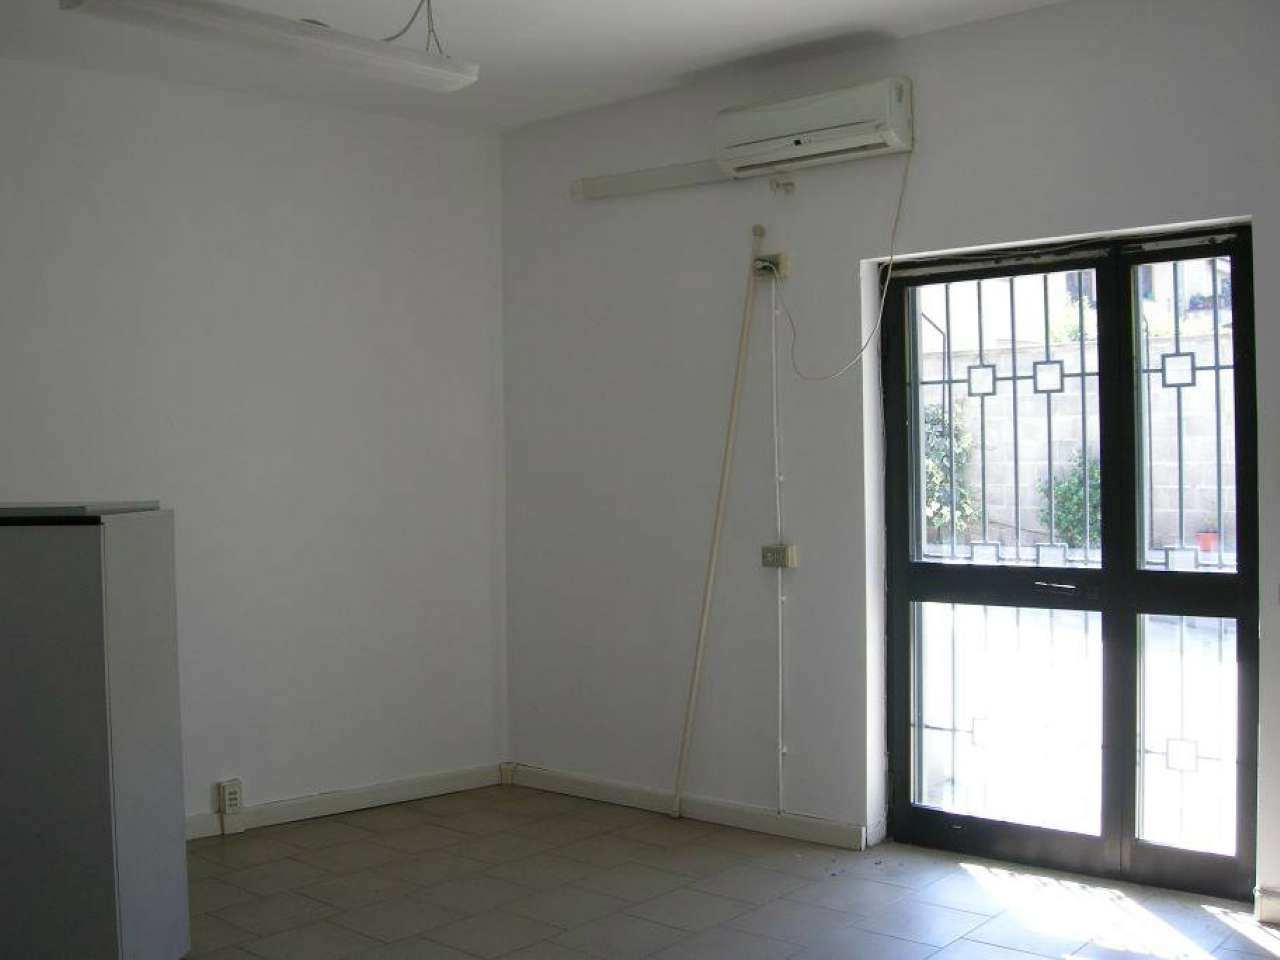 Ufficio / Studio in affitto a Cernusco sul Naviglio, 9999 locali, prezzo € 760 | CambioCasa.it